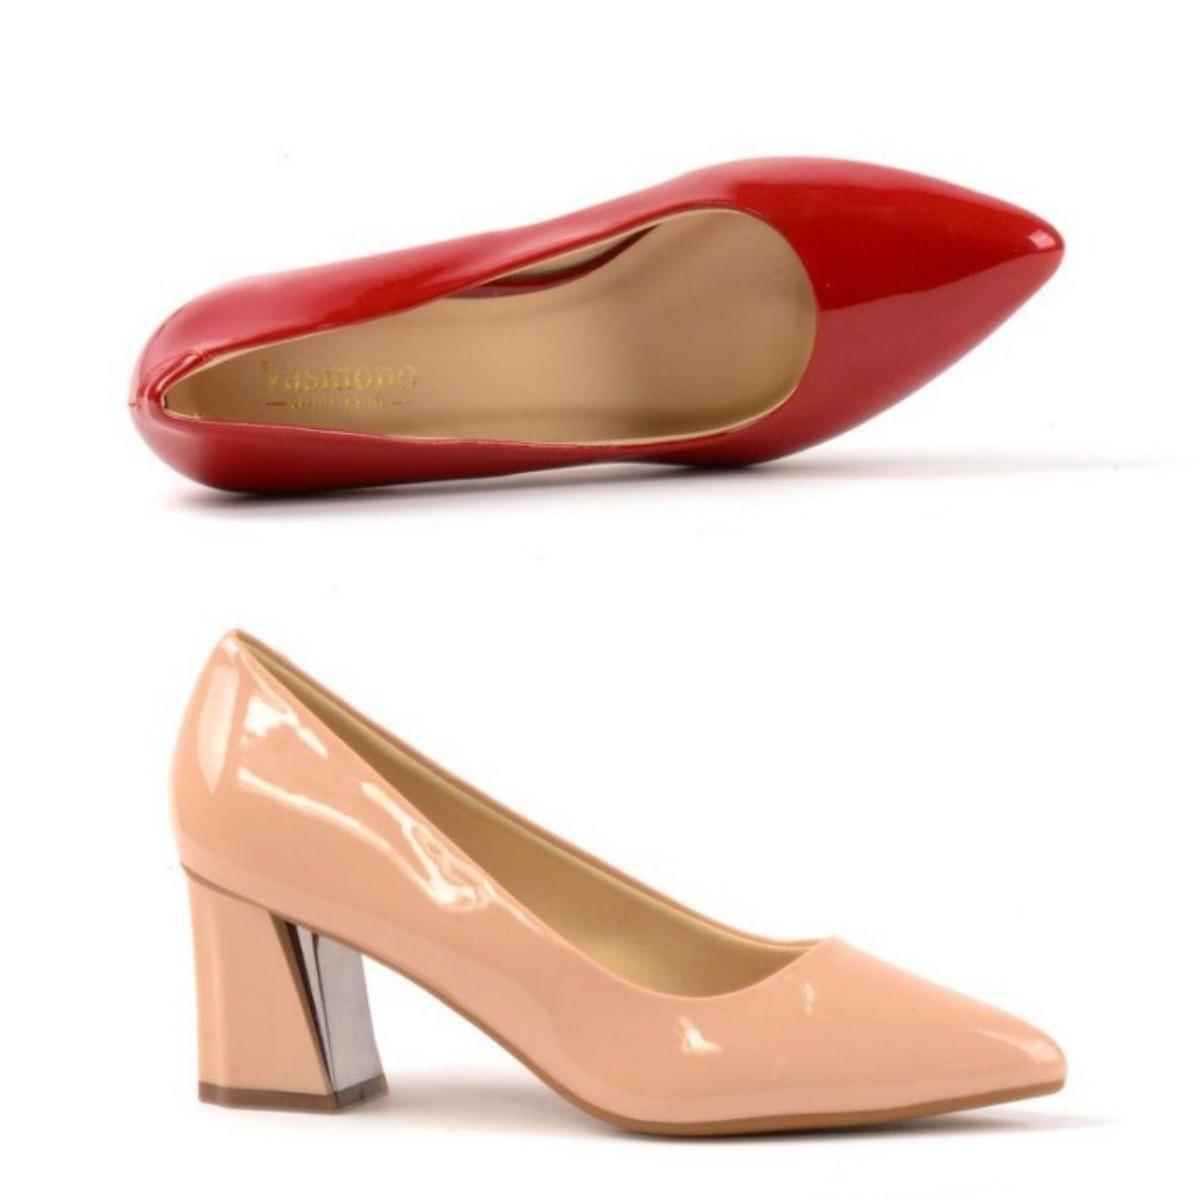 Giày cao gót 5 cm đế vuông Vasmono 074 với ba màu đen, đỏ và hồng nude, chị em có thể phối cùng những kiểu đầm cùng màu hoặc màu trang nhã như trắng, đen, một ít họa tiết hoa... Chất liệu da bóng sang trọng, dễ vệ sinh, lót giày mềm. Sản phẩm có cùng mức giá 299.000 đồng.